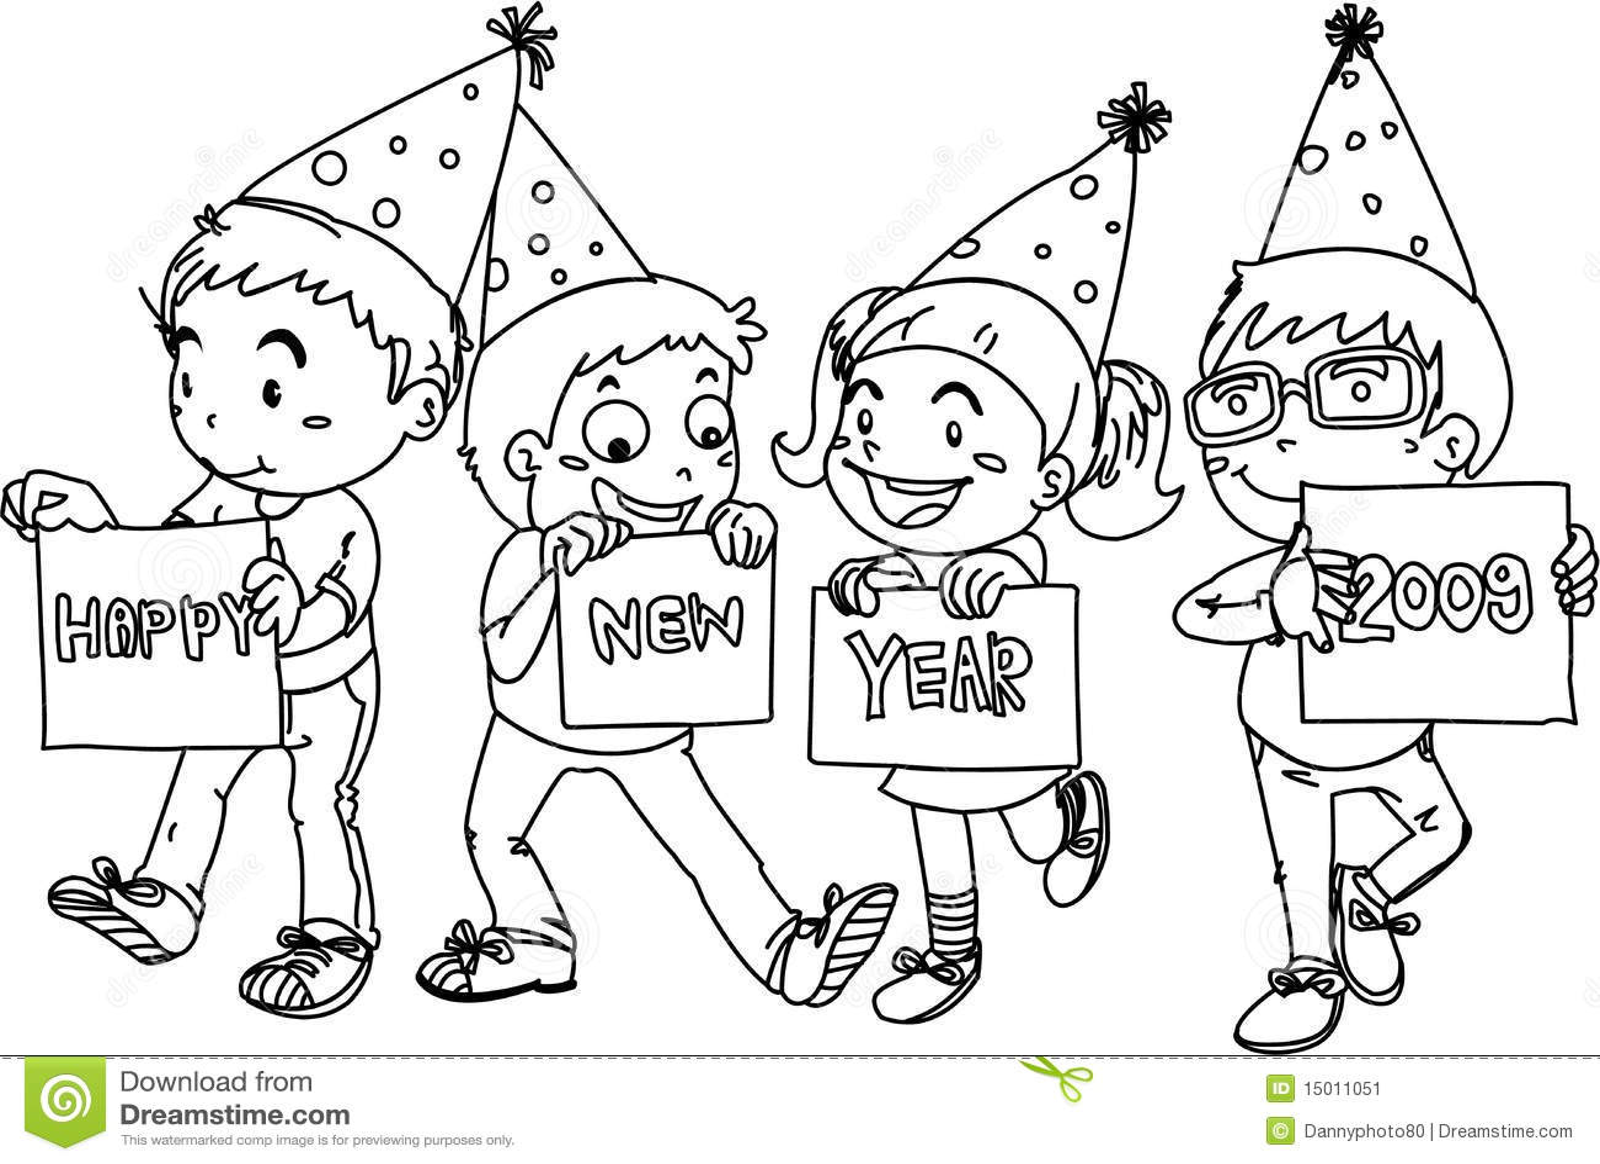 Kleurplaat Kerst Oud En Nieuw Jonge Geitjes Die Gelukkig Nieuwjaar Wensen Vector